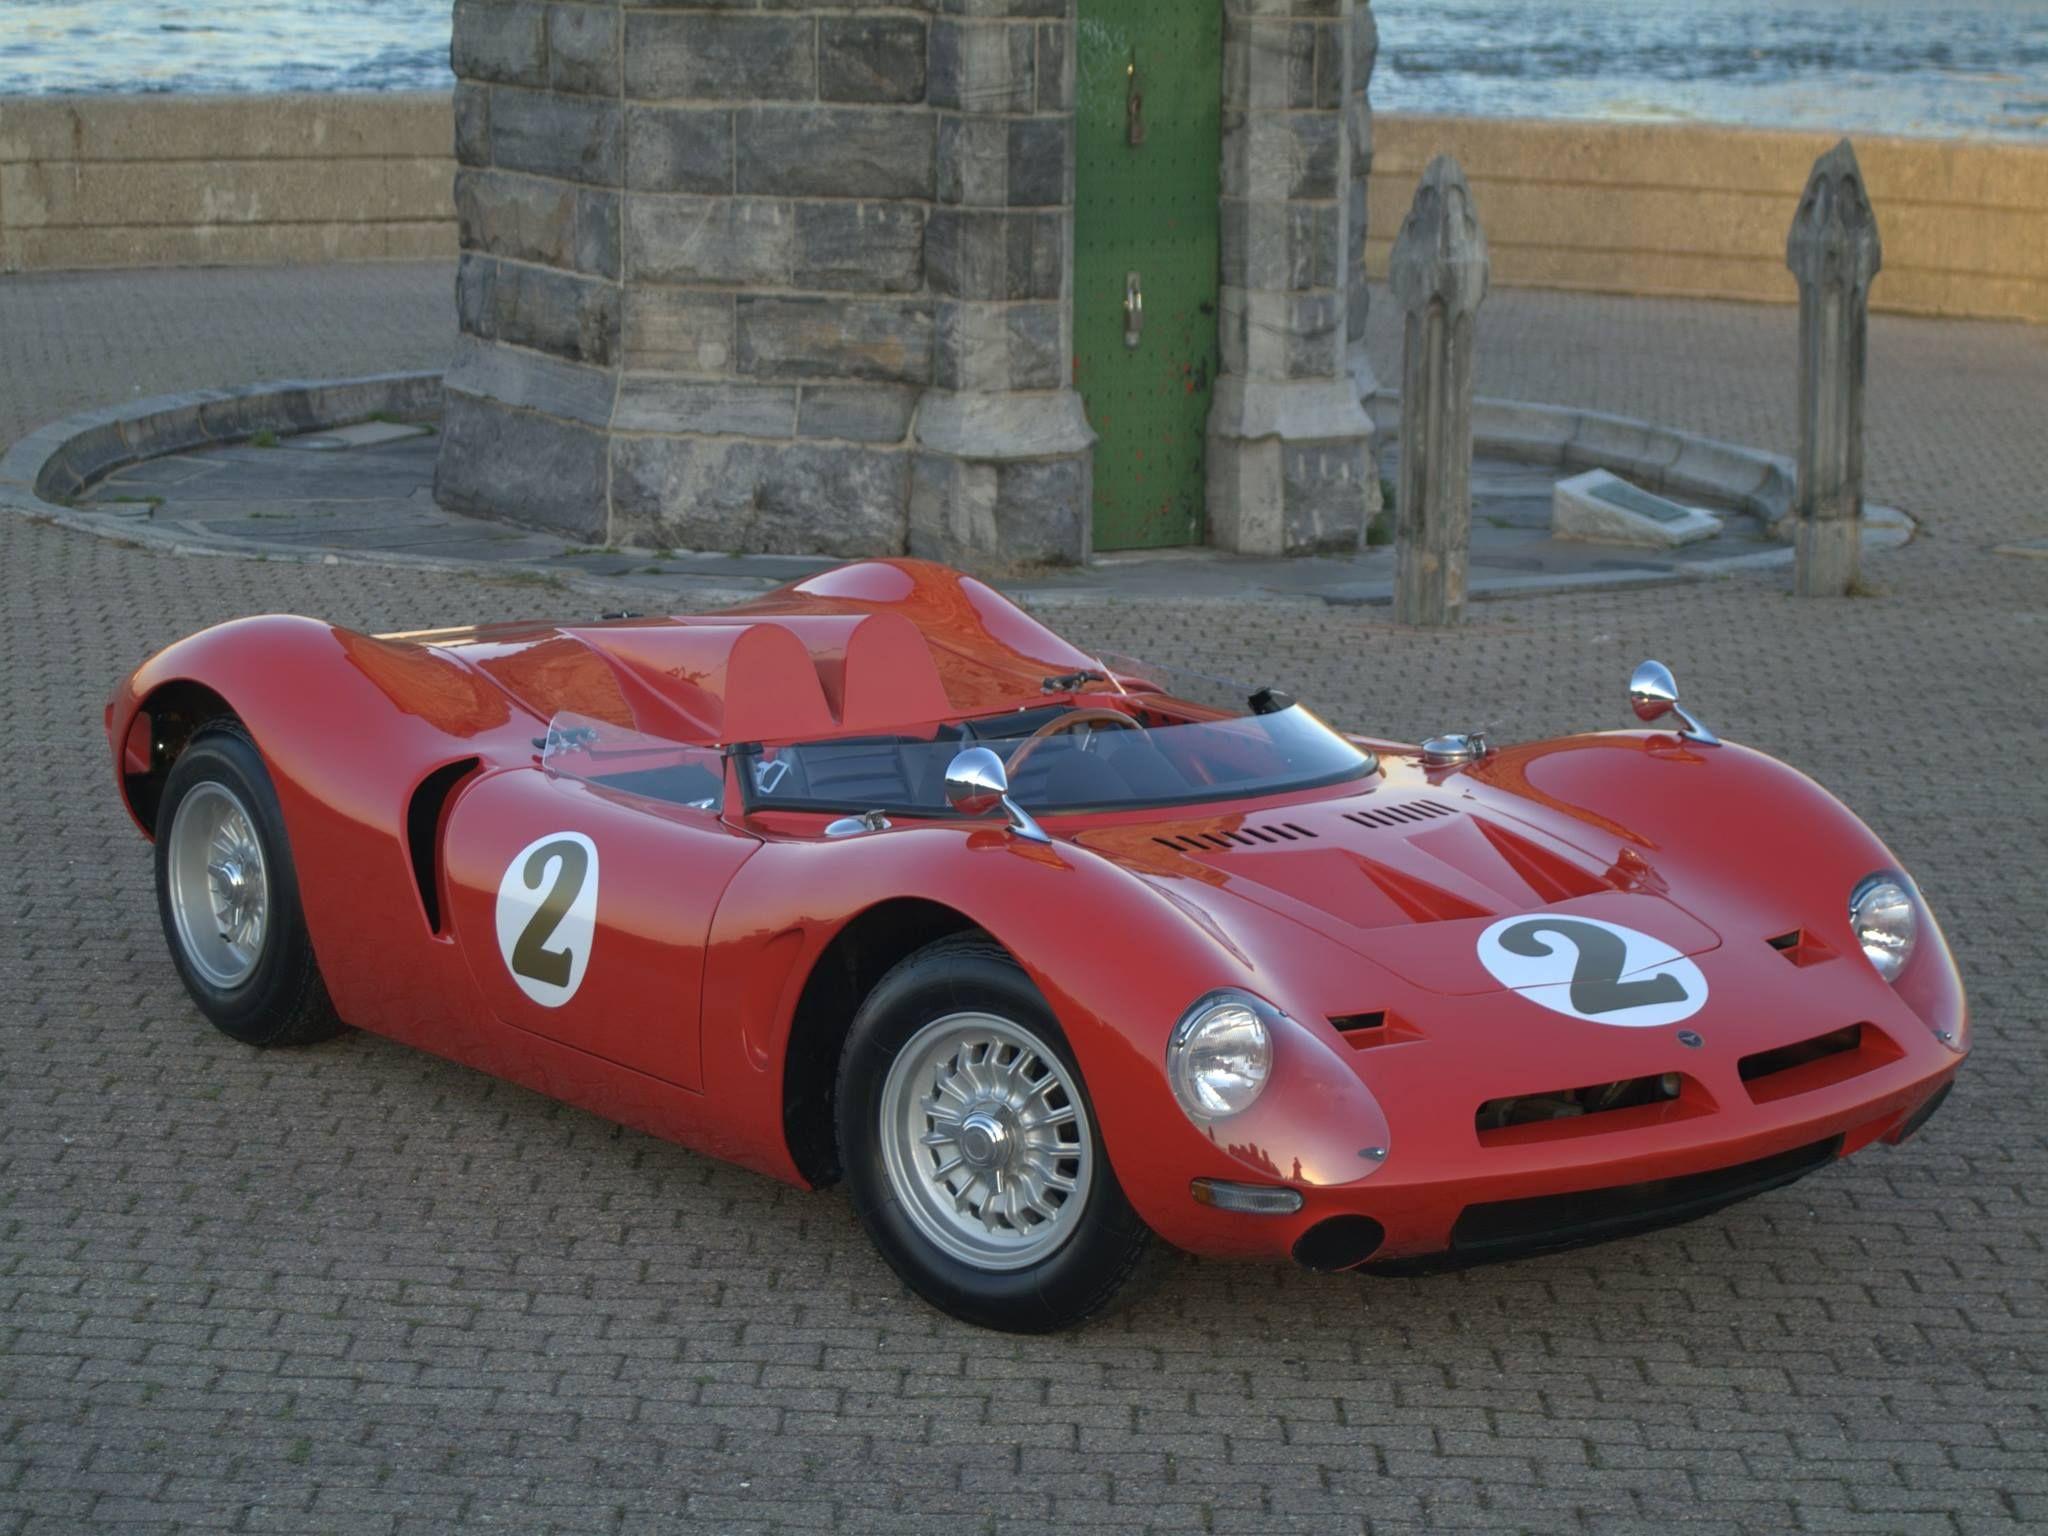 1966 Bizzarrini P538 Barchetta